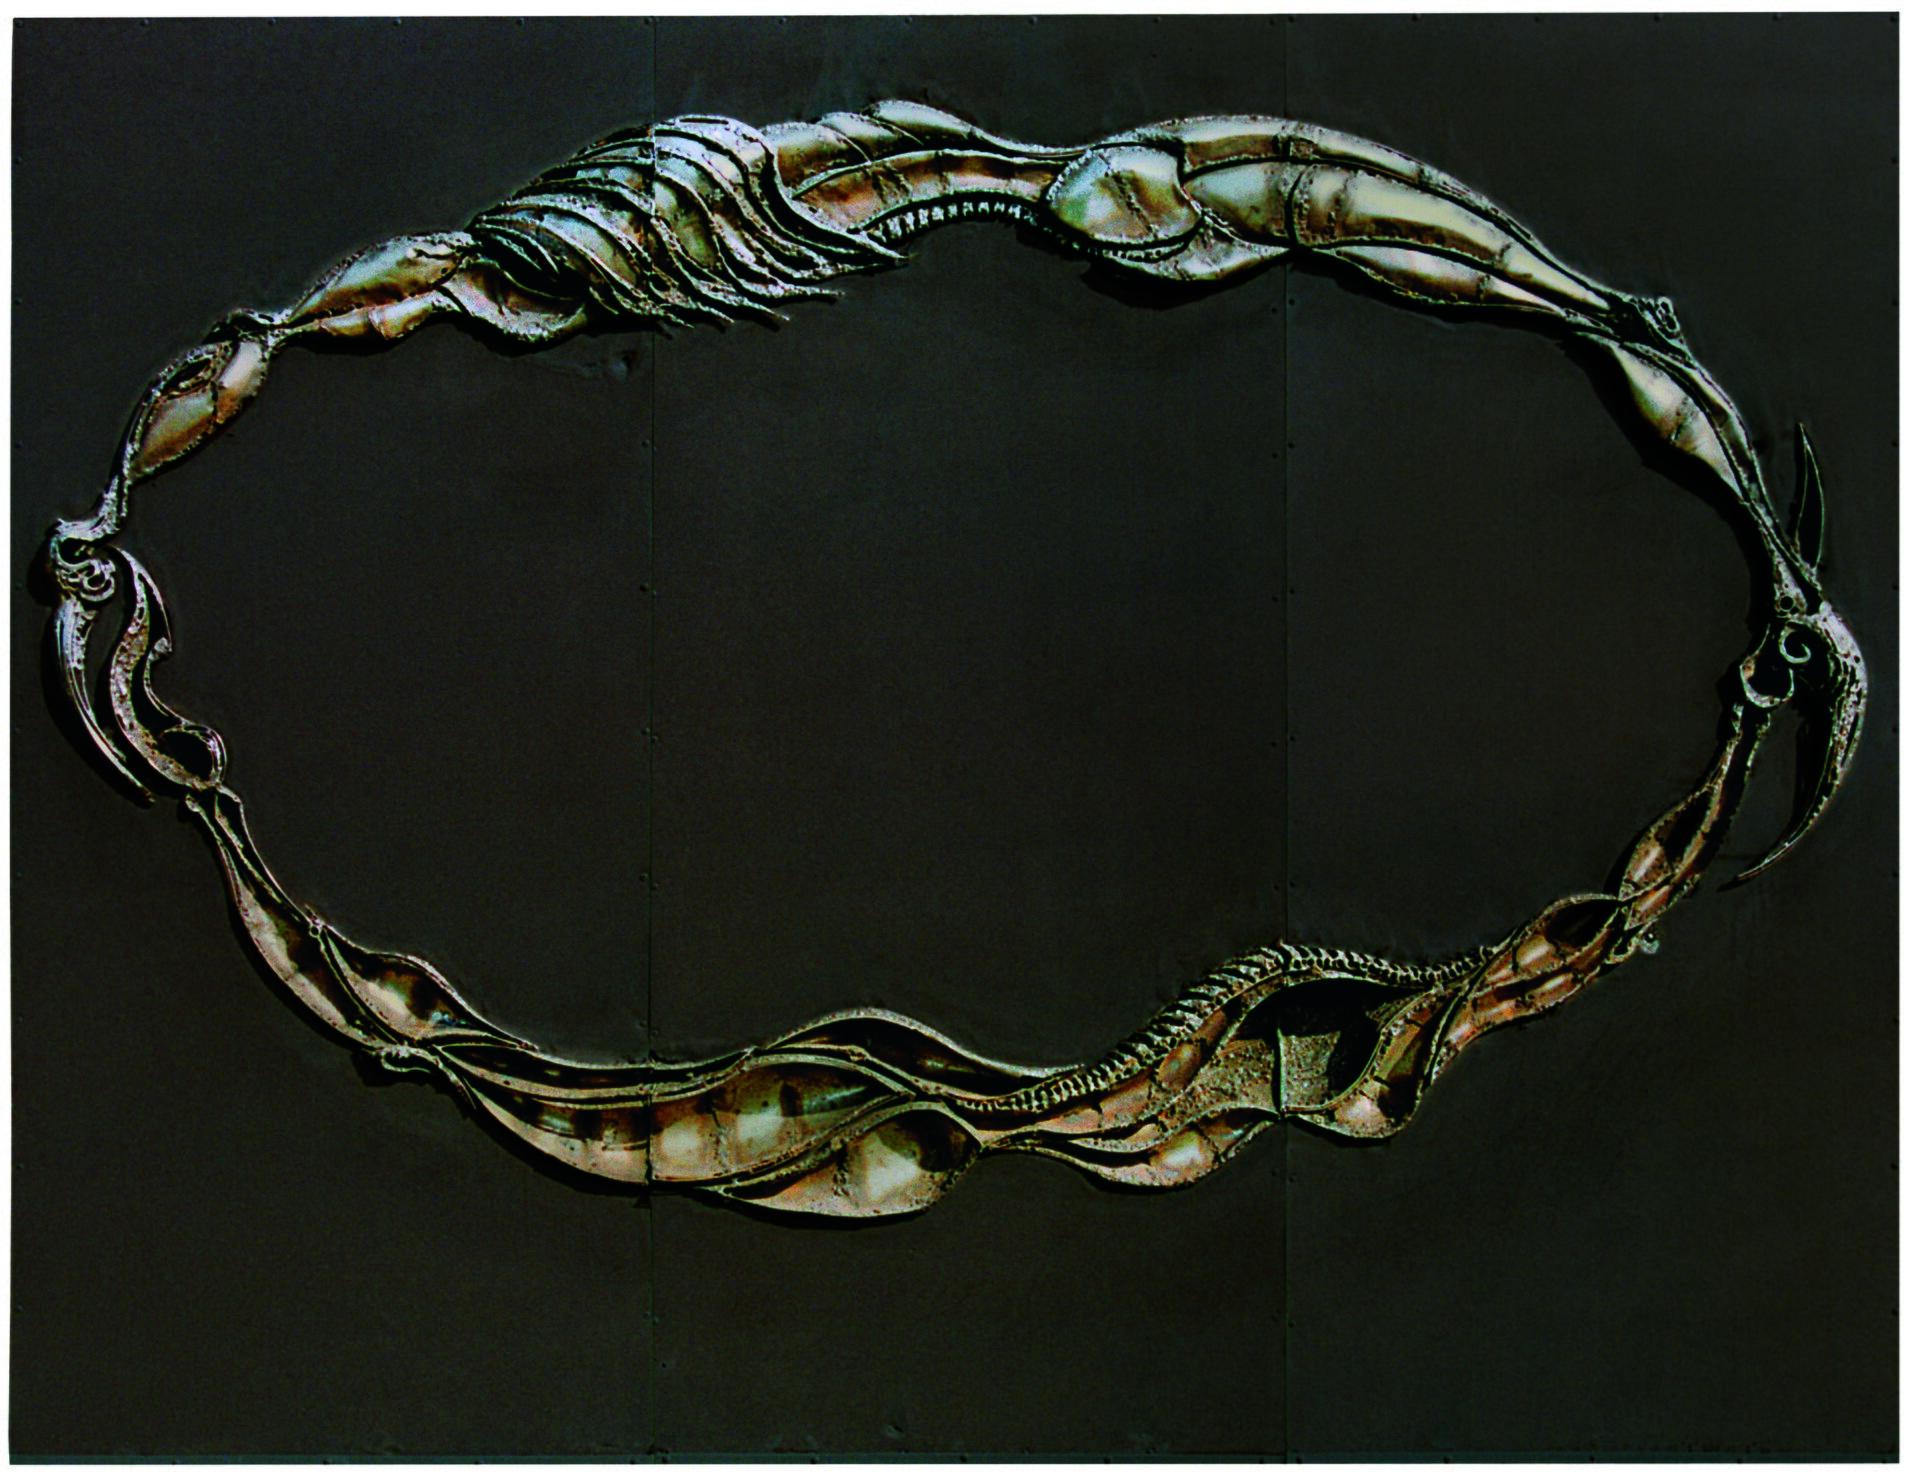 """Ilustracja przedstawia instalację """"Bez tytułu"""" zcyklu """"Upłaszczyznowienia"""" autorstwa Anny Wysockiej. Zdjęcie ukazuje płaskorzeźbę wykonaną zmetalu, przypominającą dużą bransoletę składającą się zobłych, morficznych kształtów. Metaliczna, złoto-brązowa, błyszcząca struktura obiektu wyłania się zciemno-grafitowego, matowego tła."""